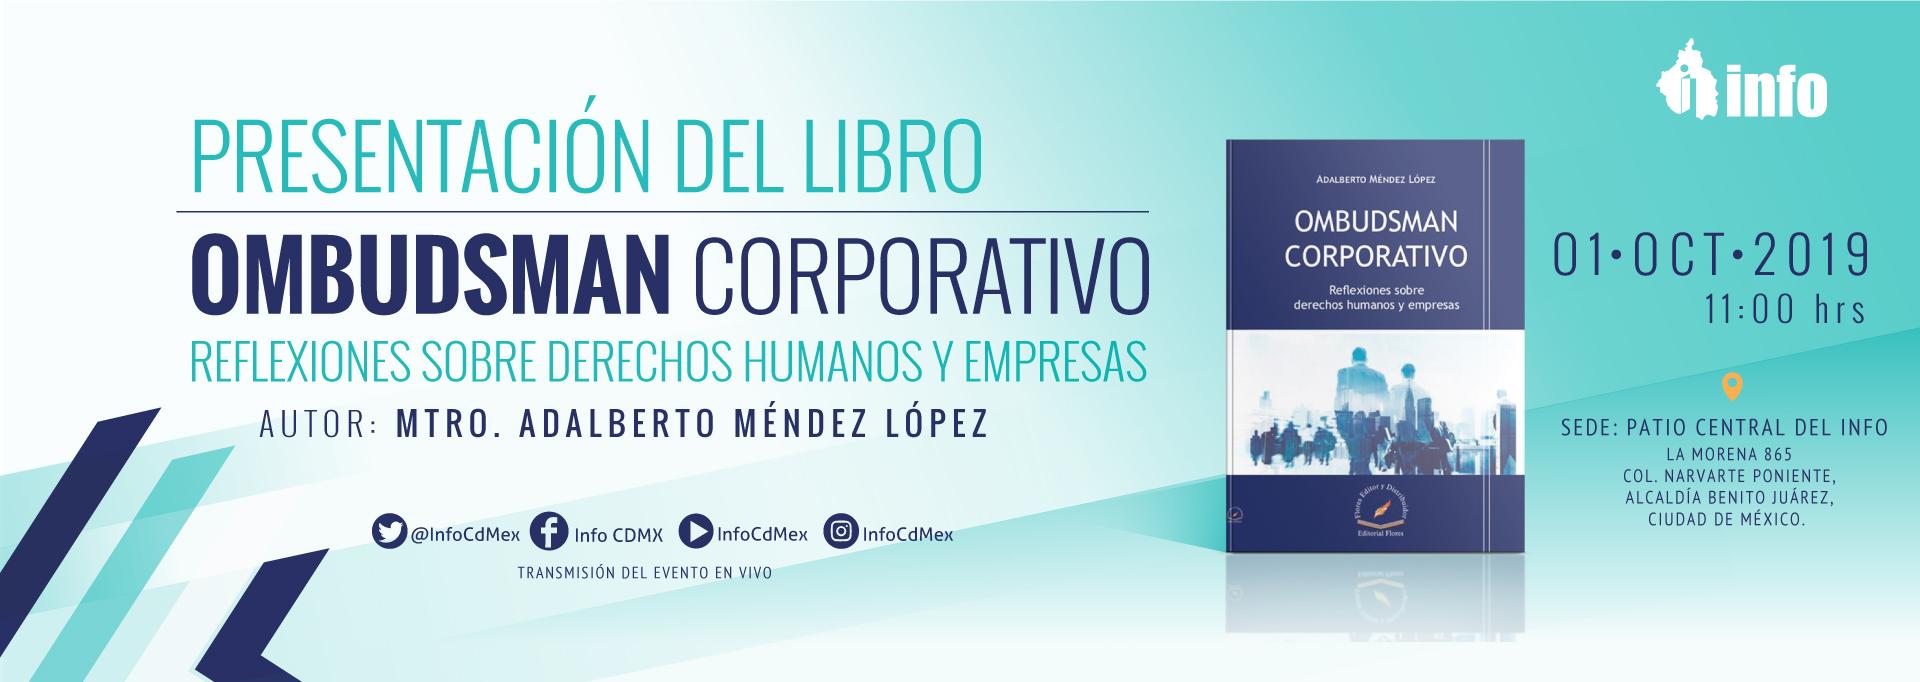 Presentación del Libro OMBUDSMAN CORPORATIVO